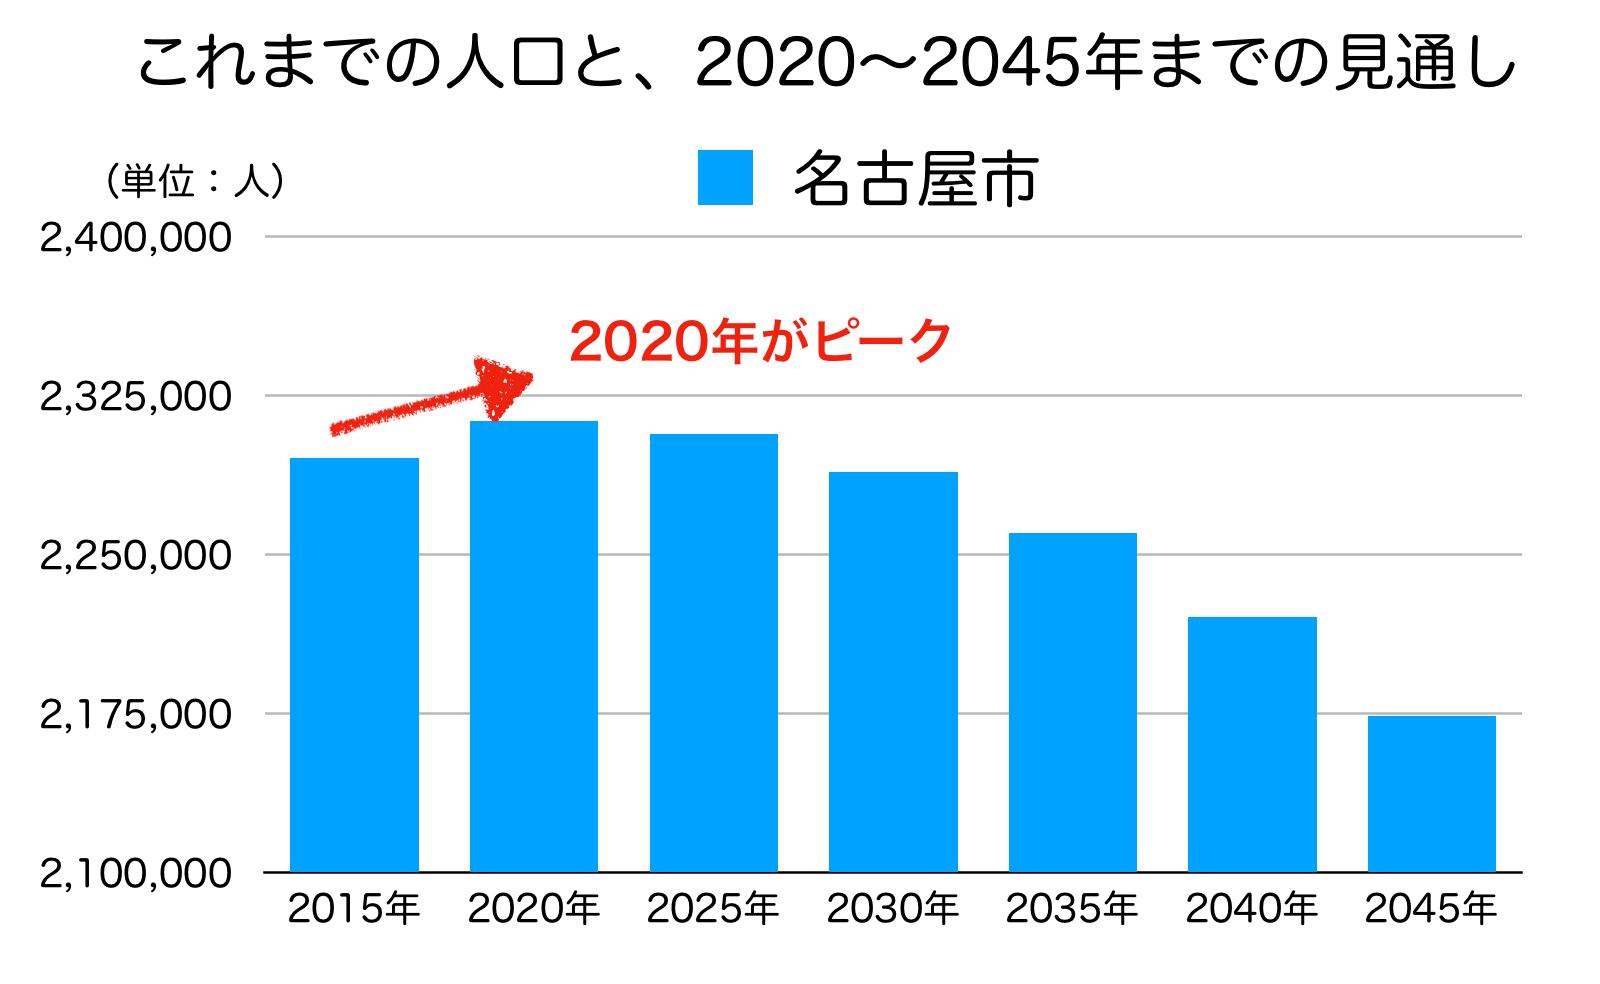 名古屋市の人口の予測